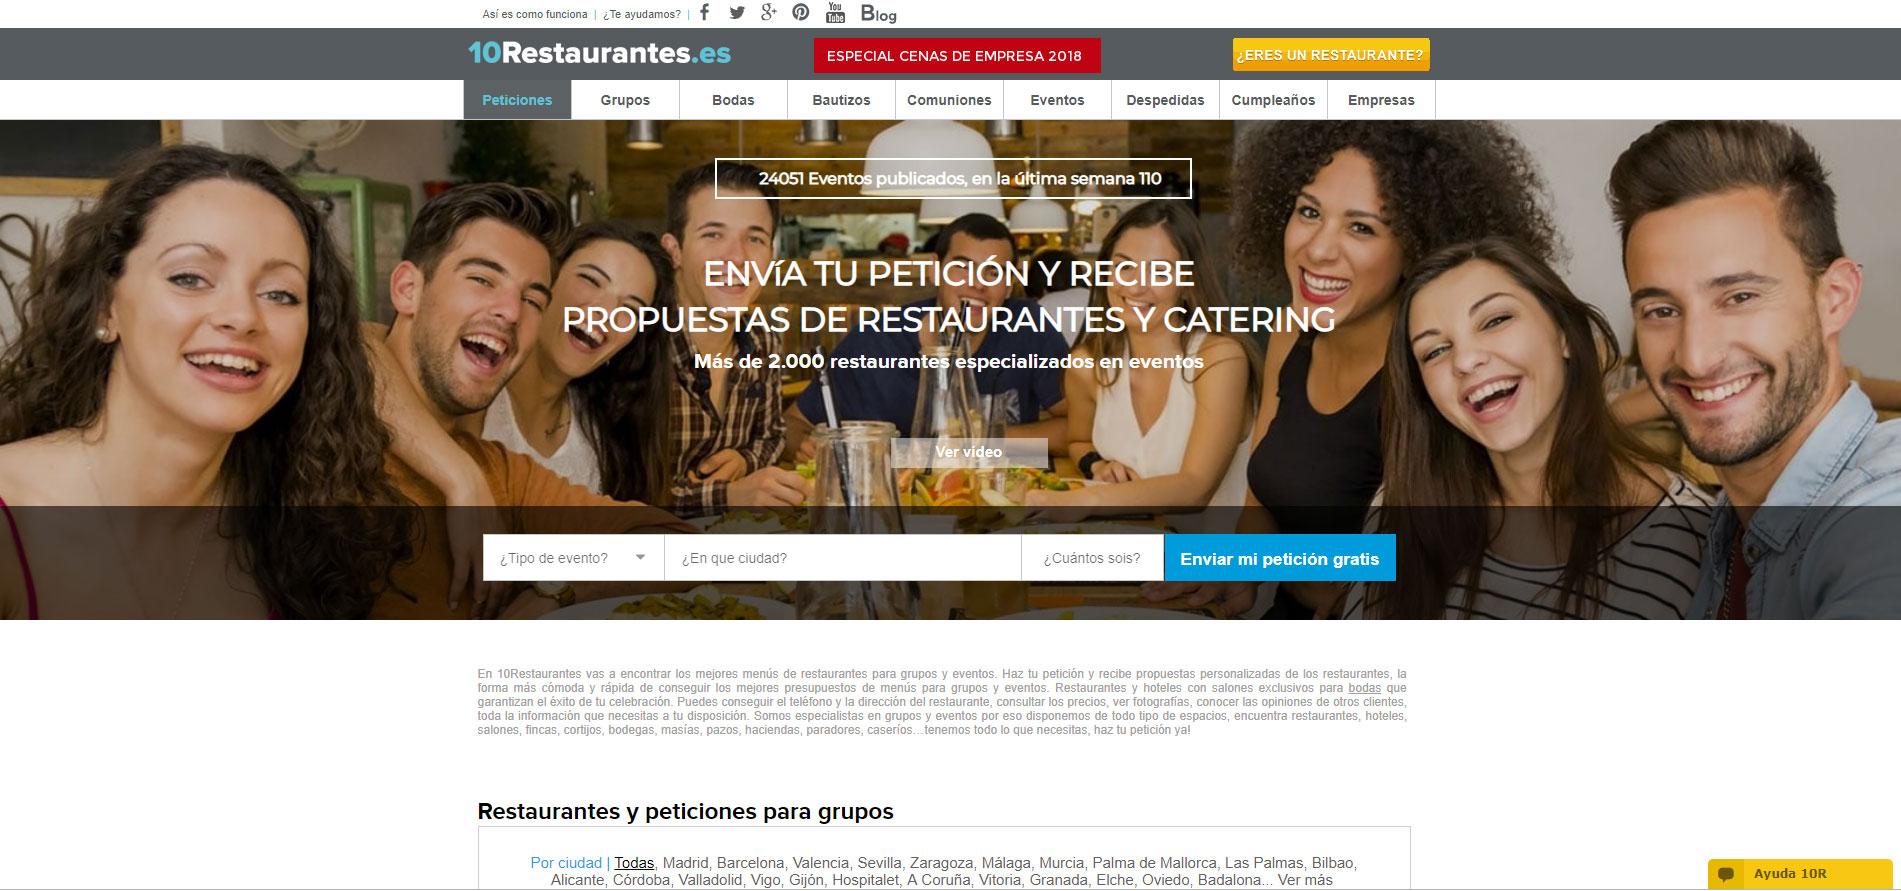 Puedes acceder la web 10Restaurantes.com, especializada en restaurantes para grupos y eventos; bodas, bautizos, comuniones, cenas de empresa, etc., hacer tu petición, recibir propuesta de los restaurantes y conversar directamente con ellos a través de esta aplicación sobre las necesidades de tu evento. Es fácil, rápido y gratis.